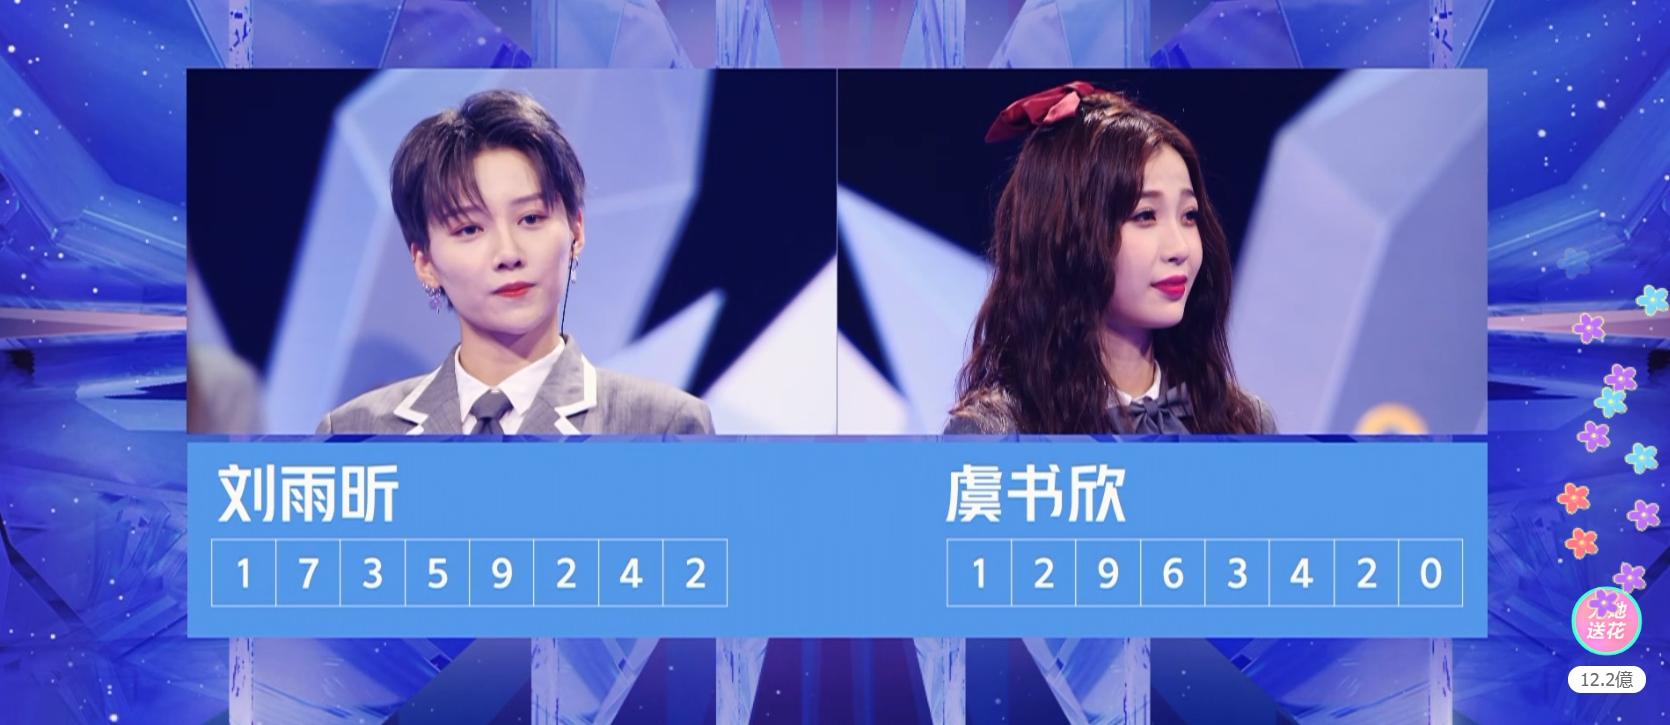 快訊/《青春有你2》最終成團名單公布!劉雨昕奪C位 「她」遺憾淘汰!